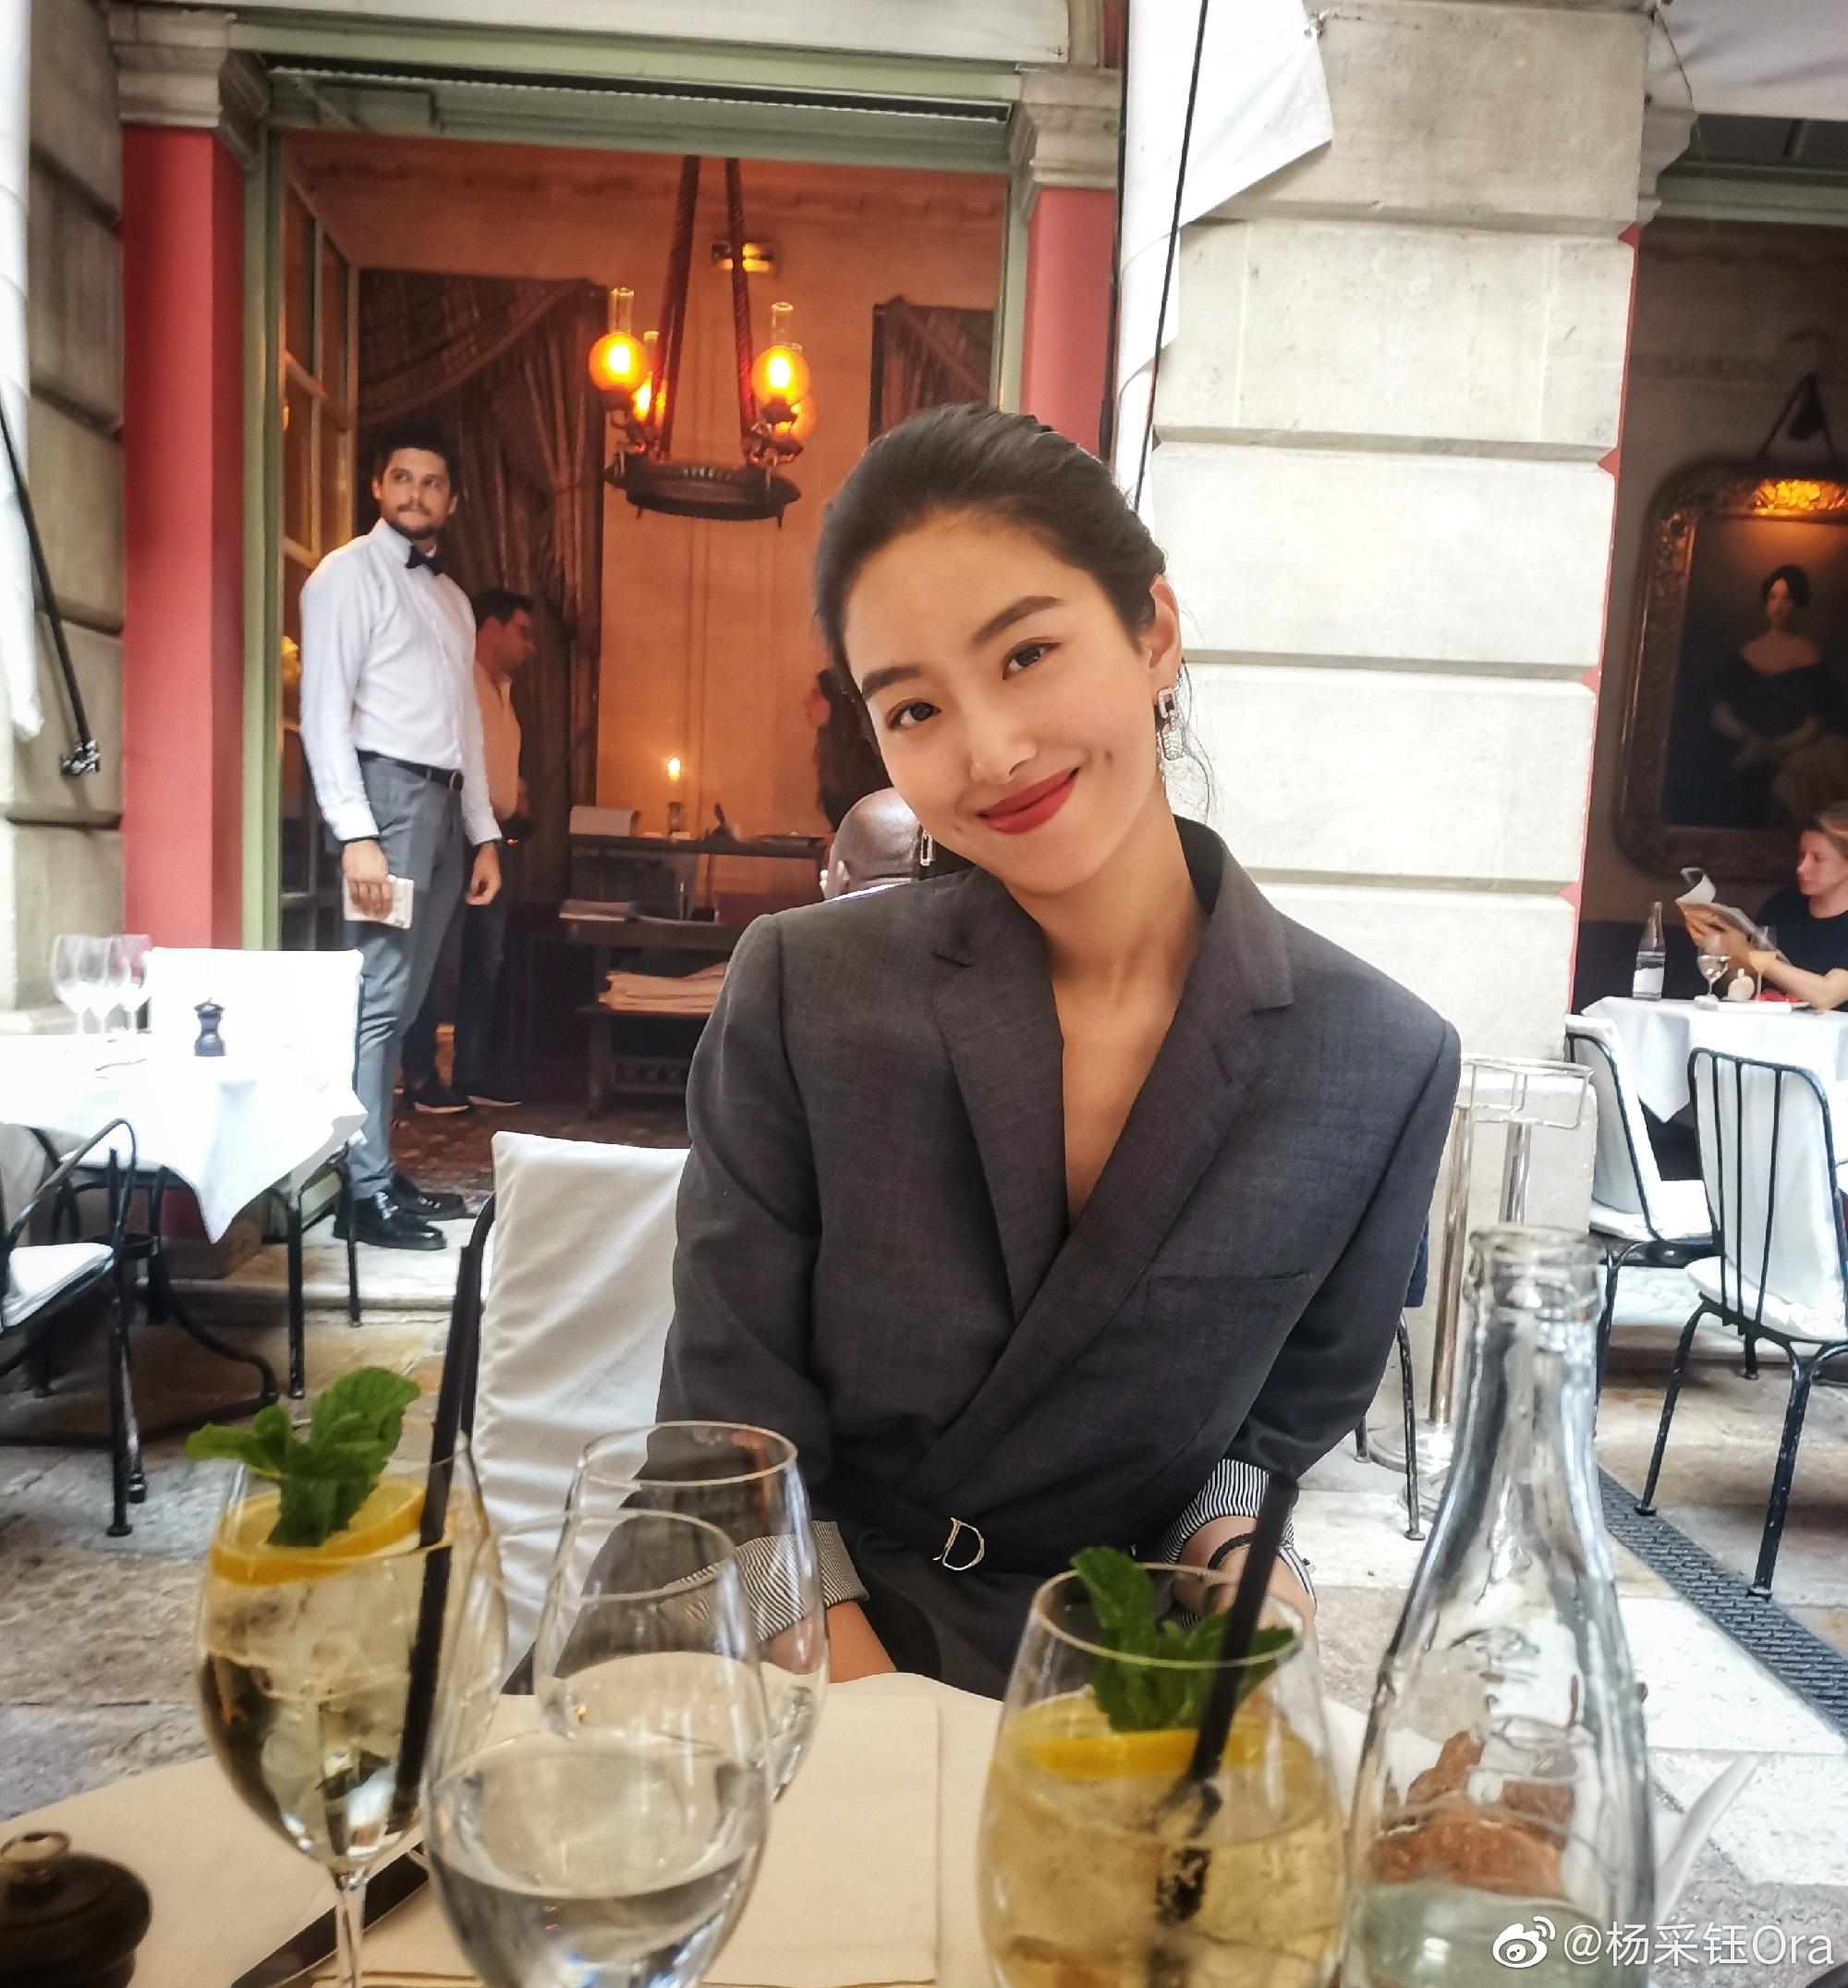 Mix & Phối - Cô nàng Trung Hoa trót mê style Pháp: Đến áo len cổ lọ cũng có cách hack dáng thon gọn, chưa kể 5 tips khác cũng hay ho không kém - chanvaydep.net 3